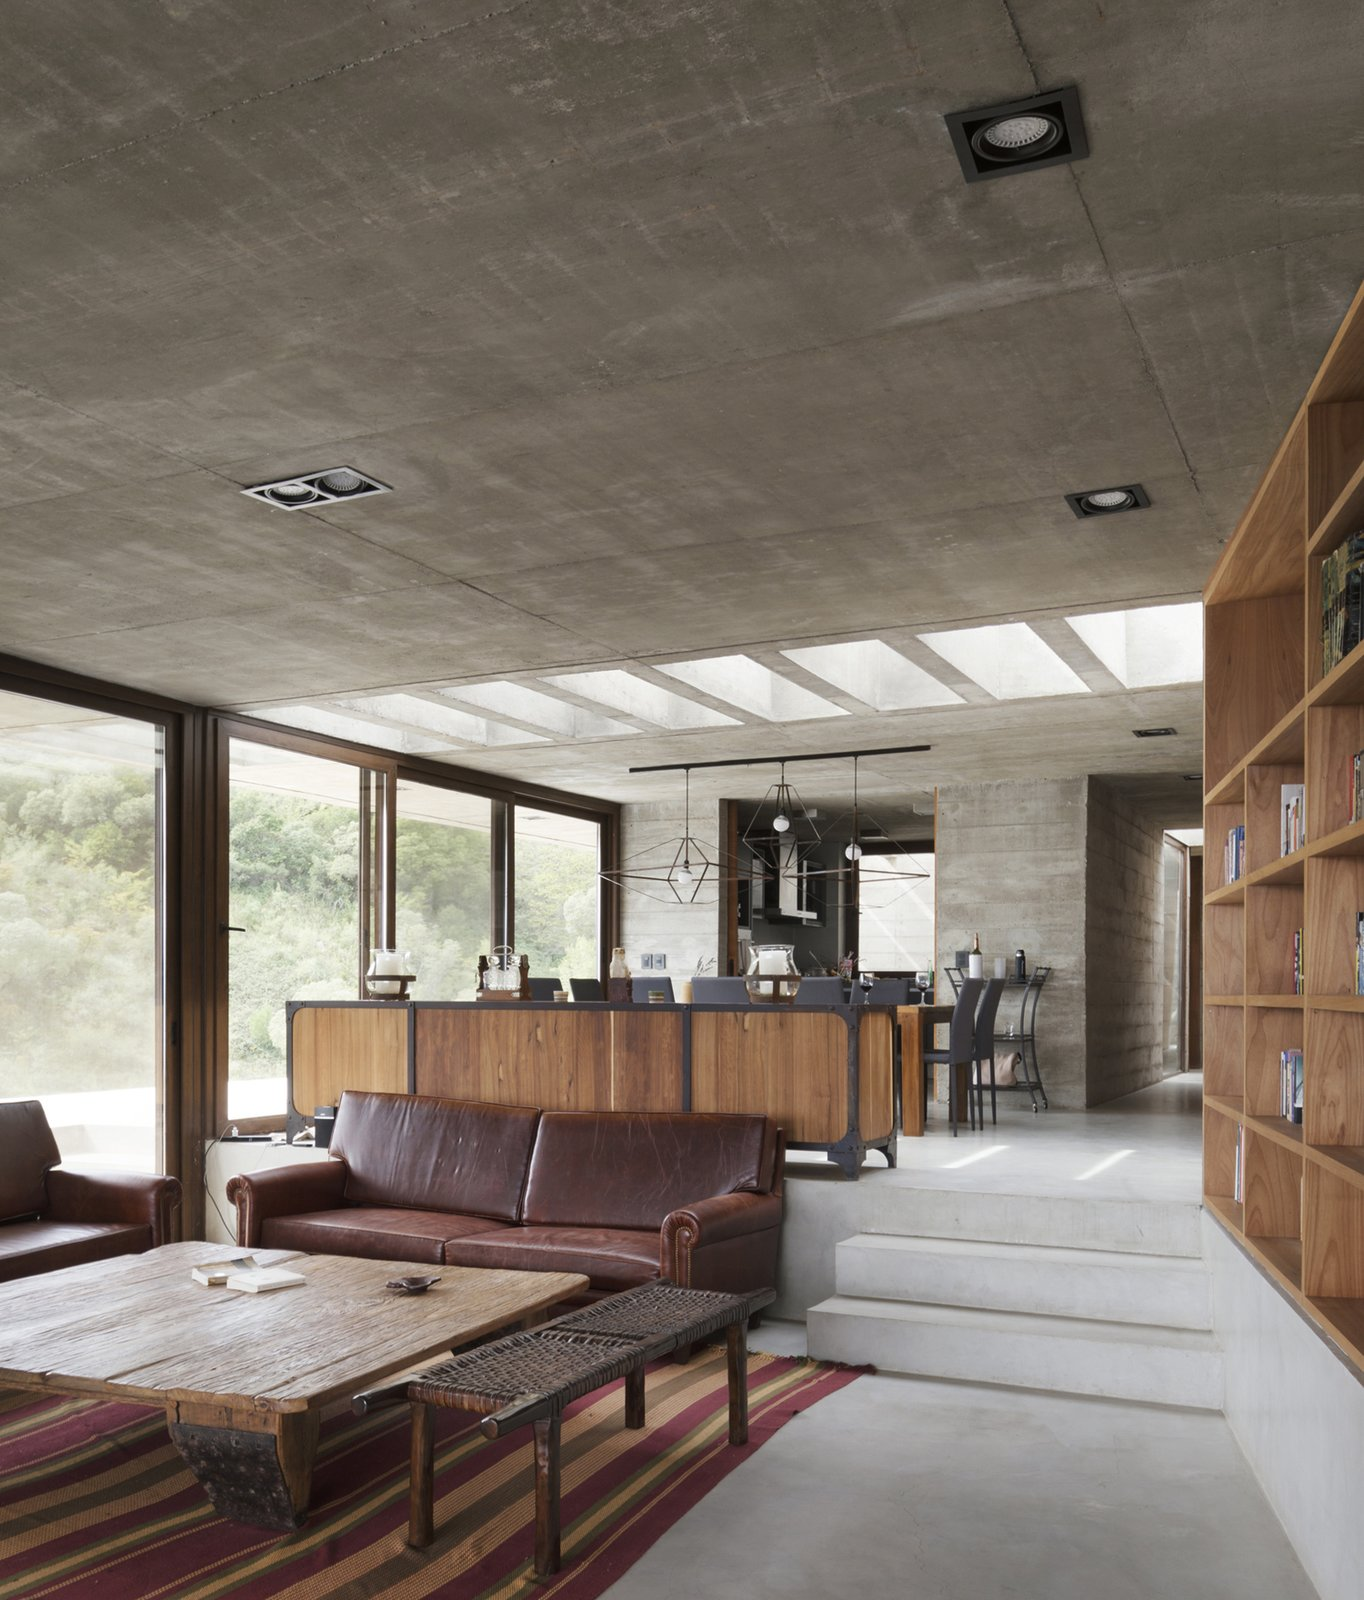 Casa FM concrete home living room